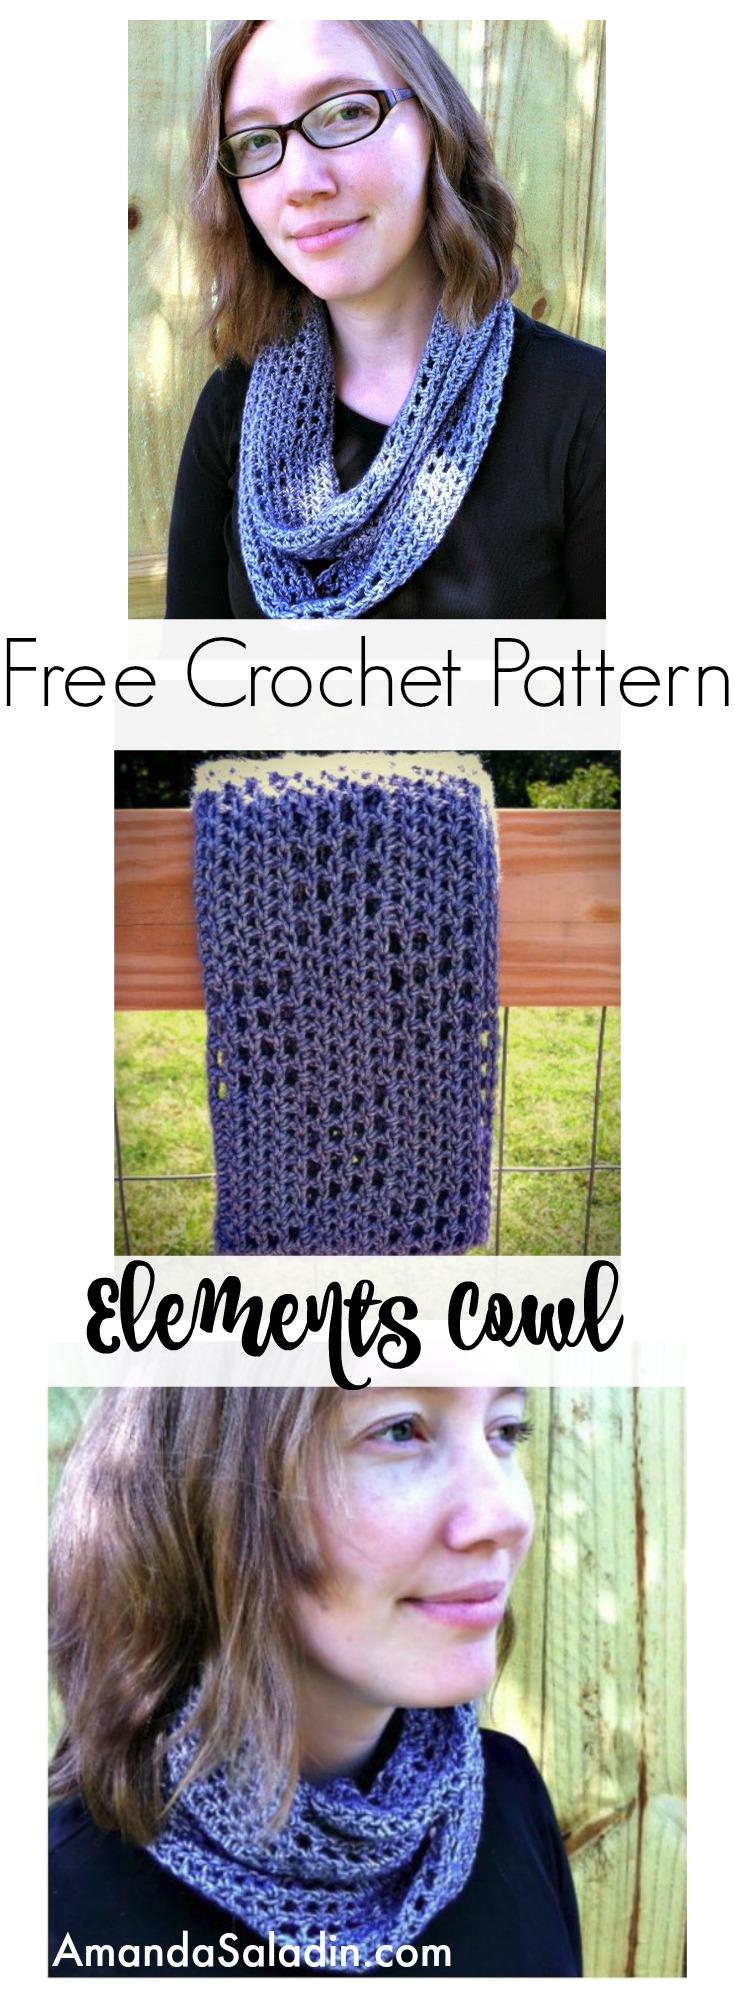 Free Crochet Pattern - Elements Cowl